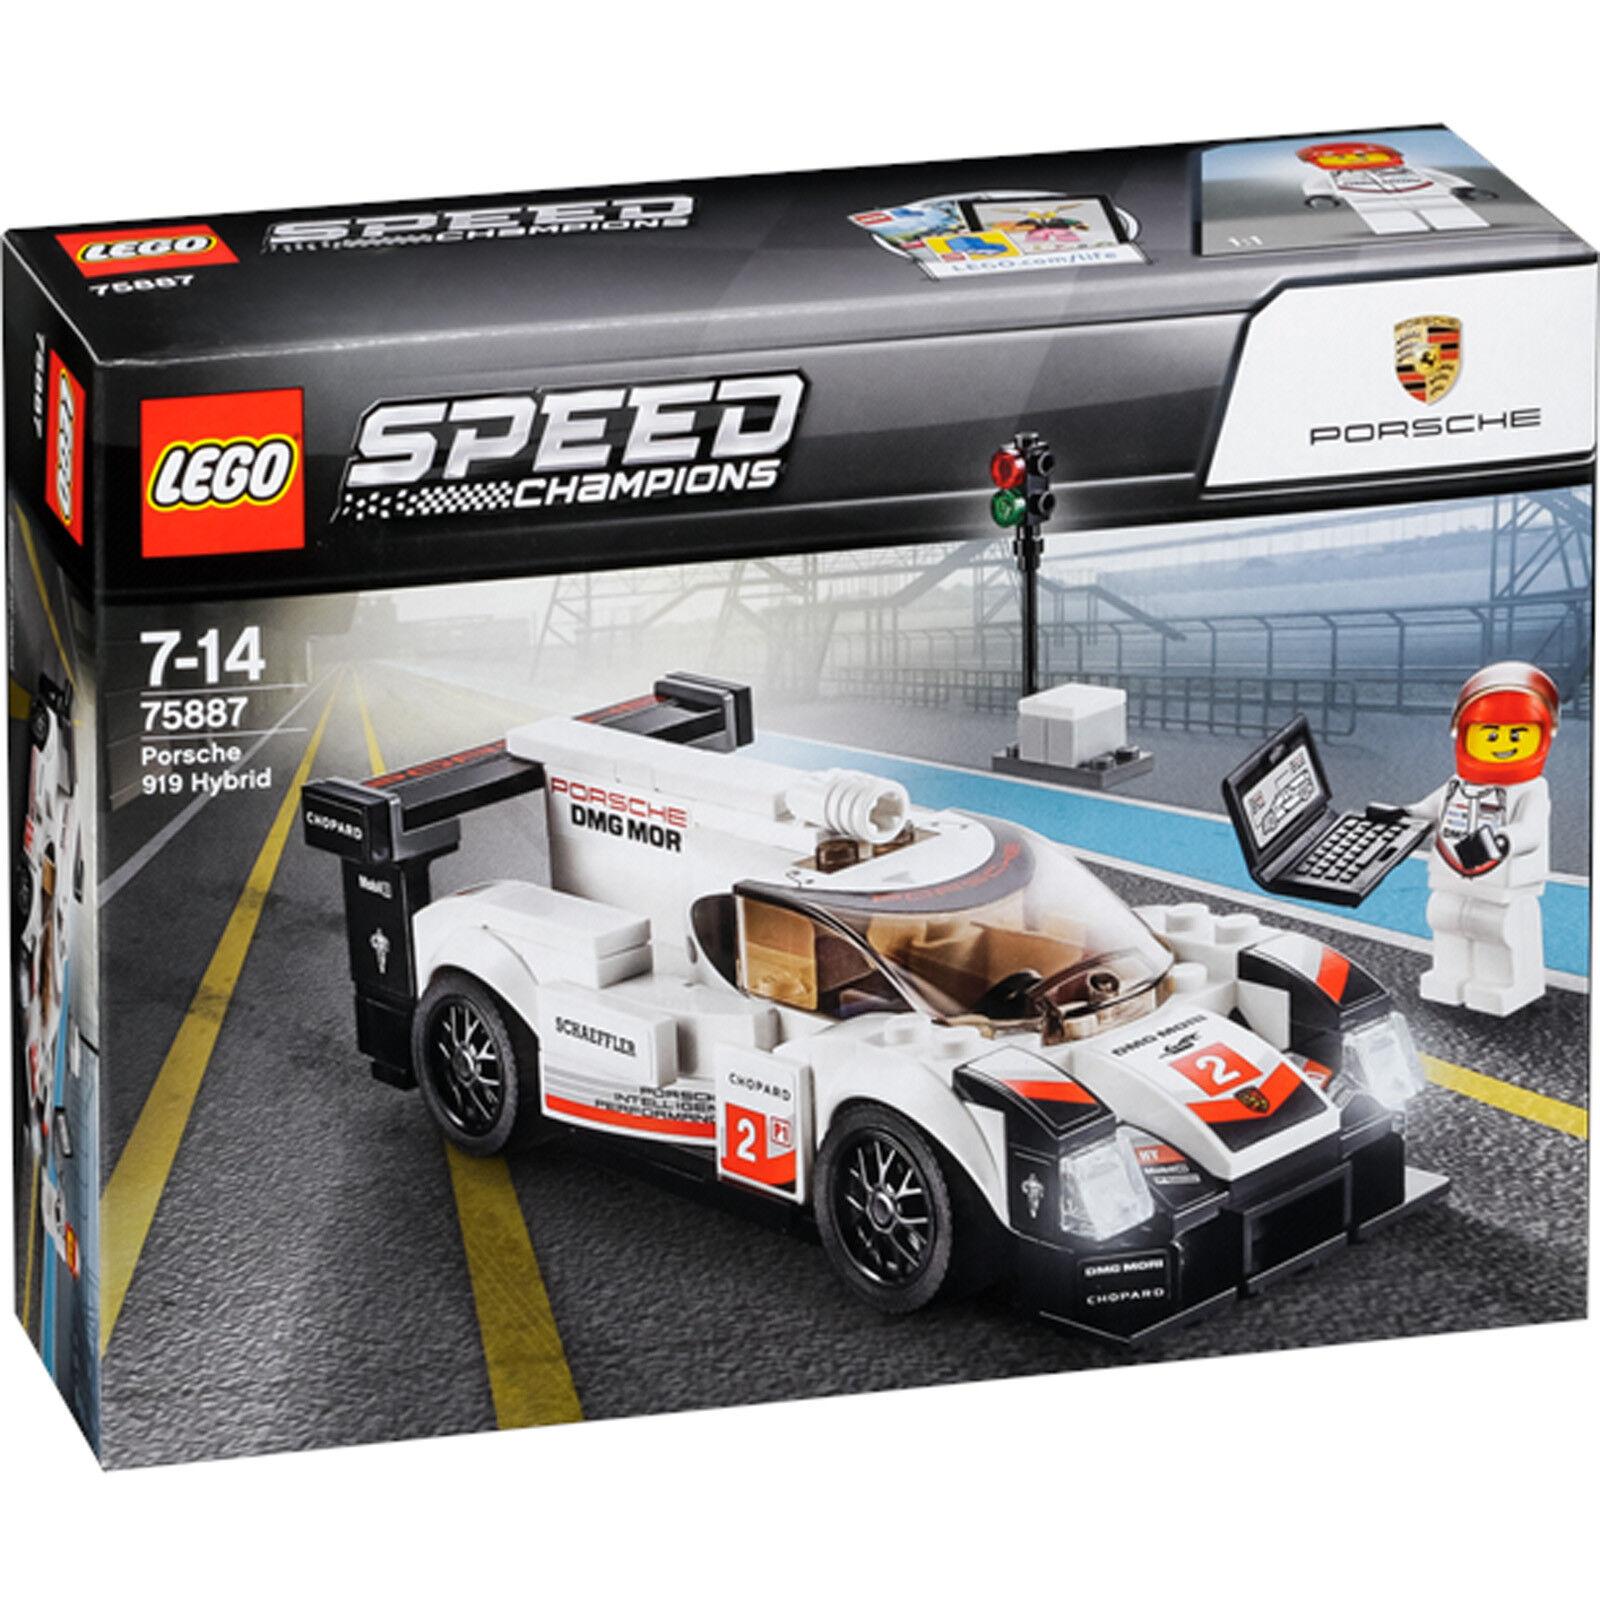 (Slightly Tatty Box) New LEGO Speed Champions Porsche 919 Hybrid 75887